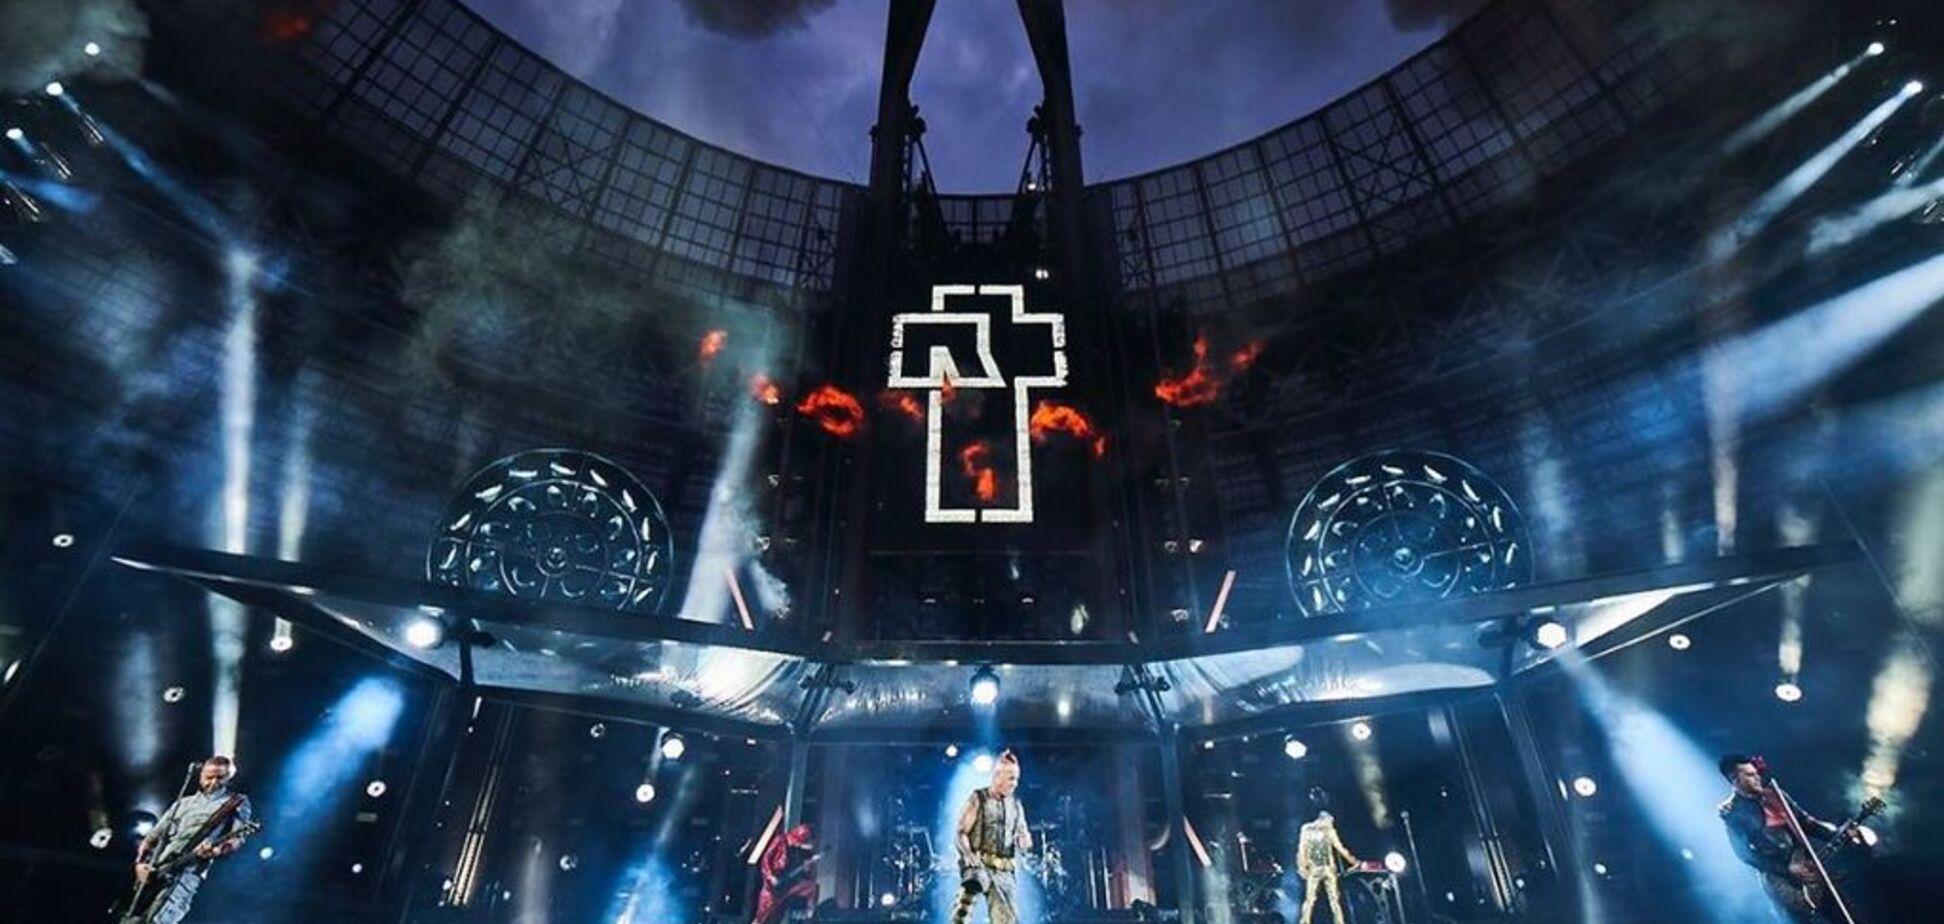 Музыканты Rammstein публично поцеловались в Москве: фото